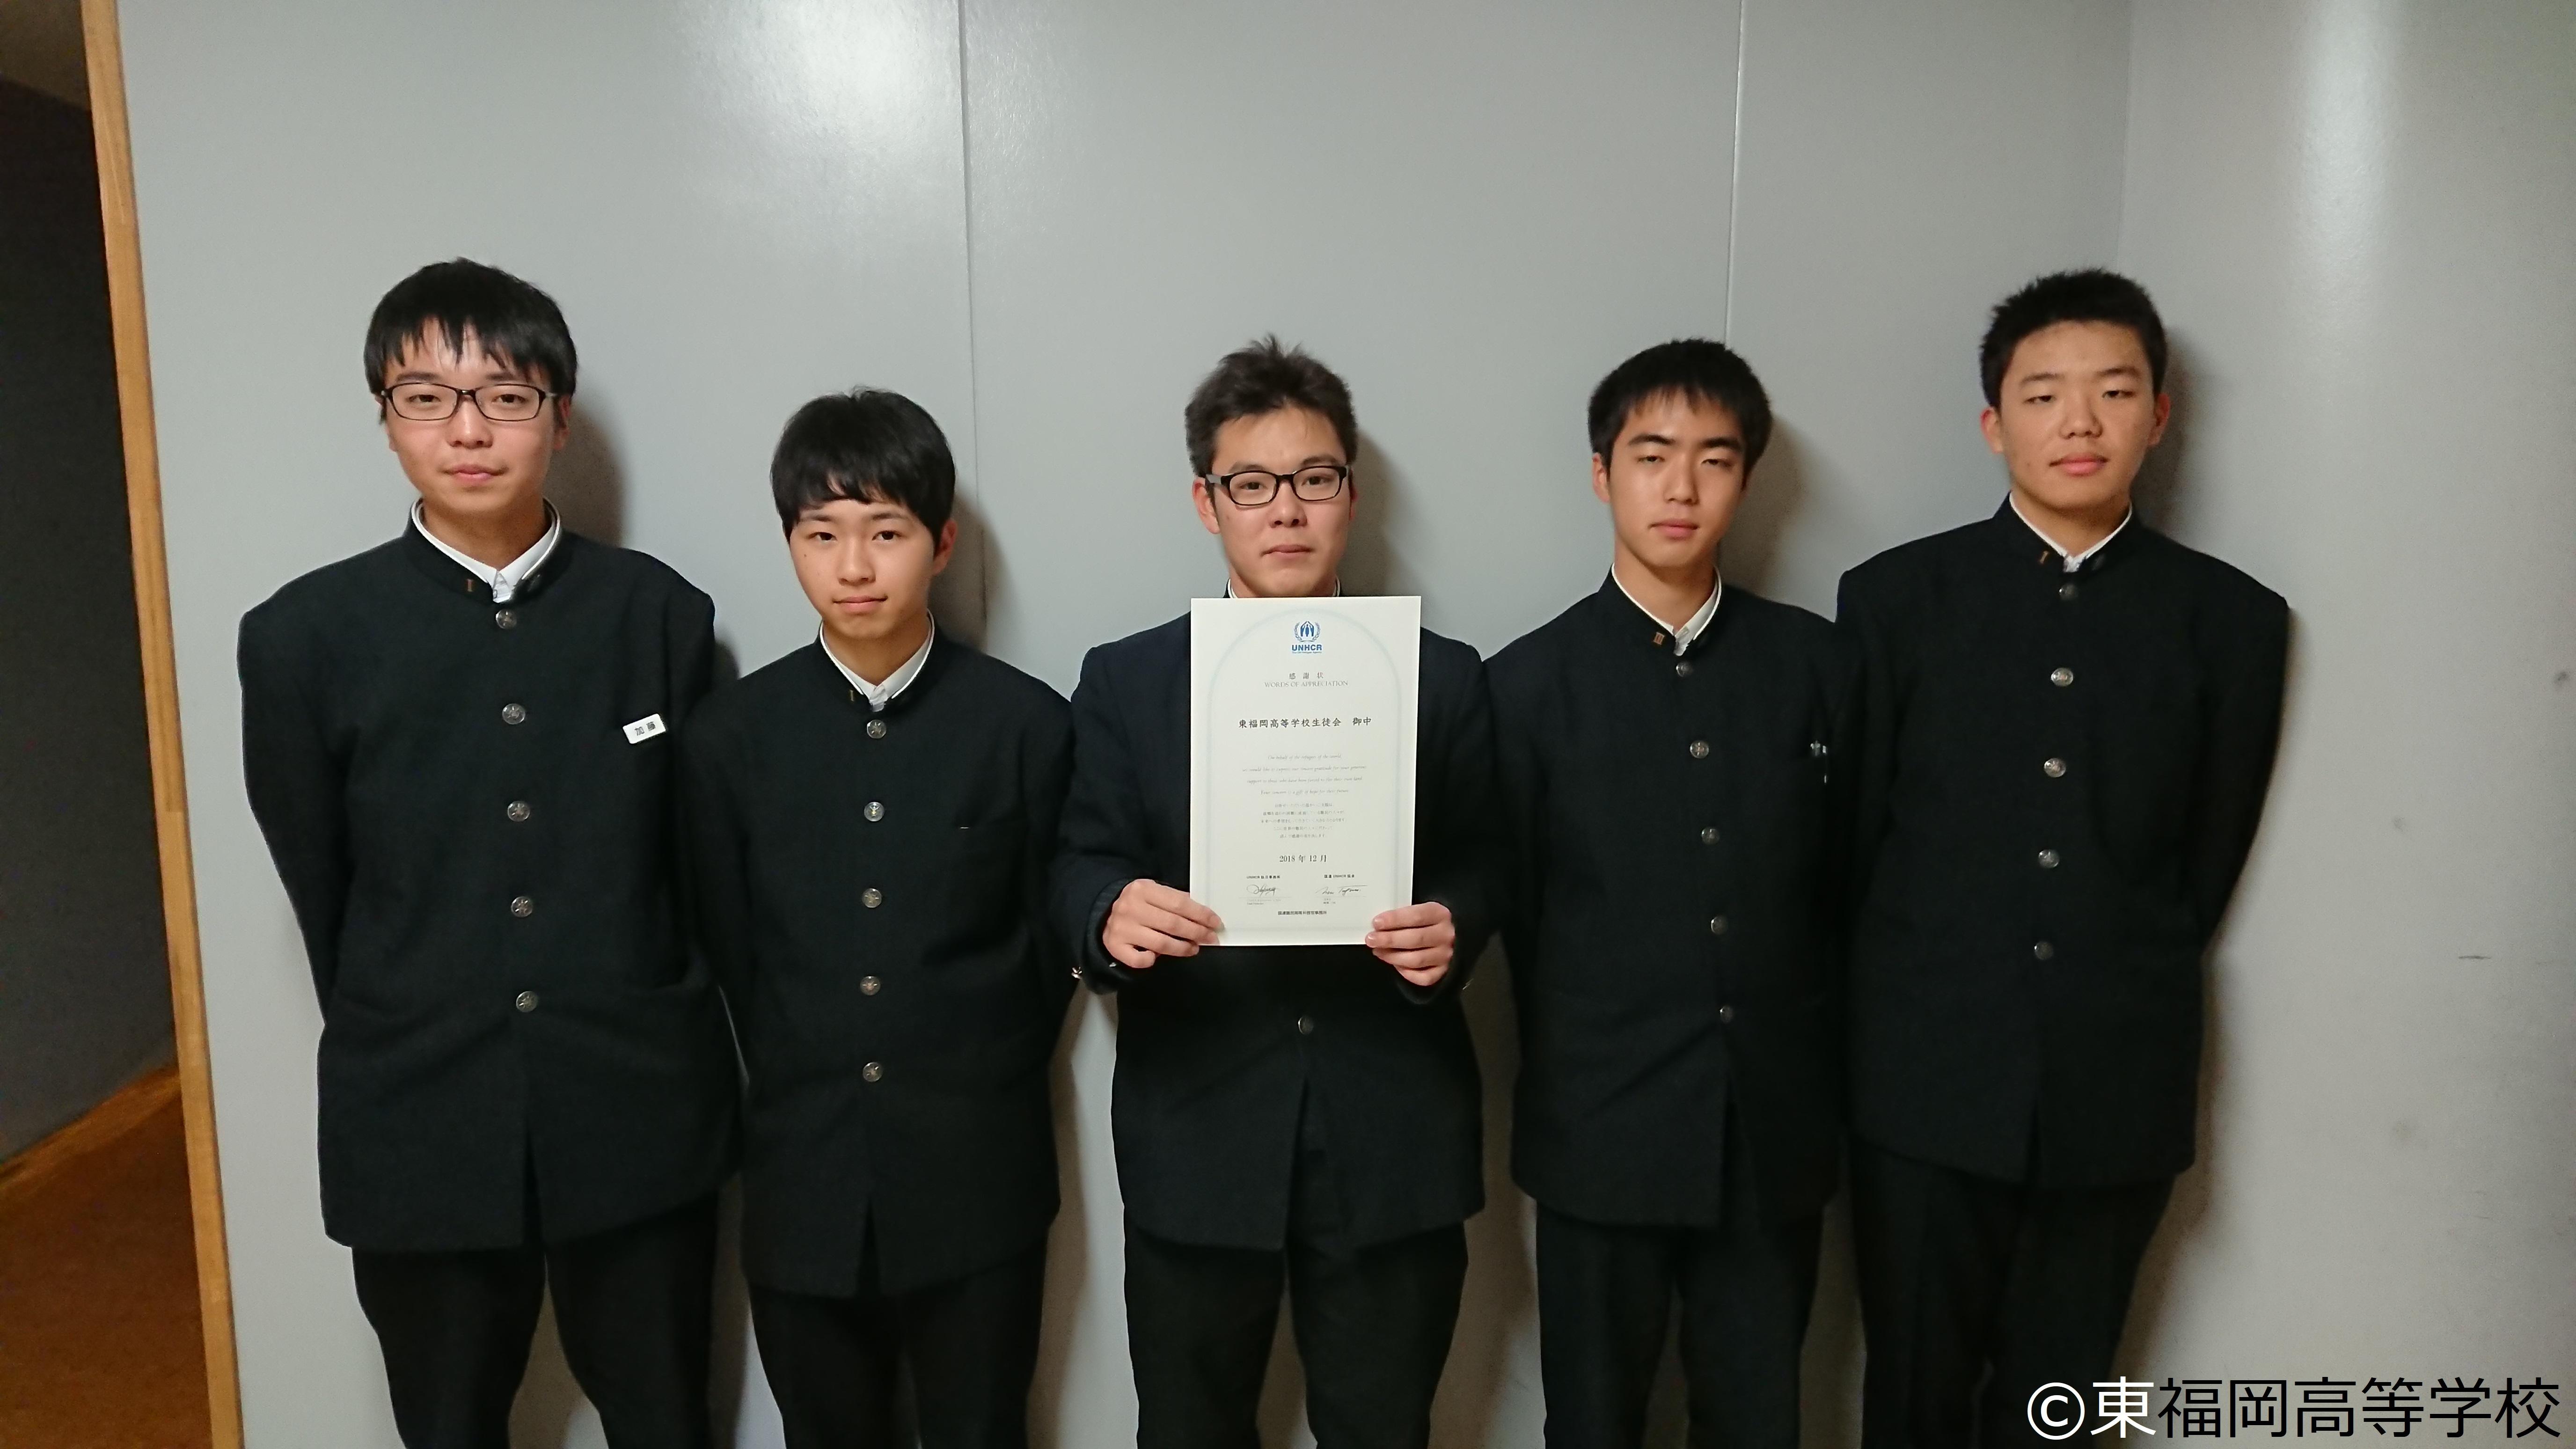 東福岡高等学校 難民支援 UNHCR